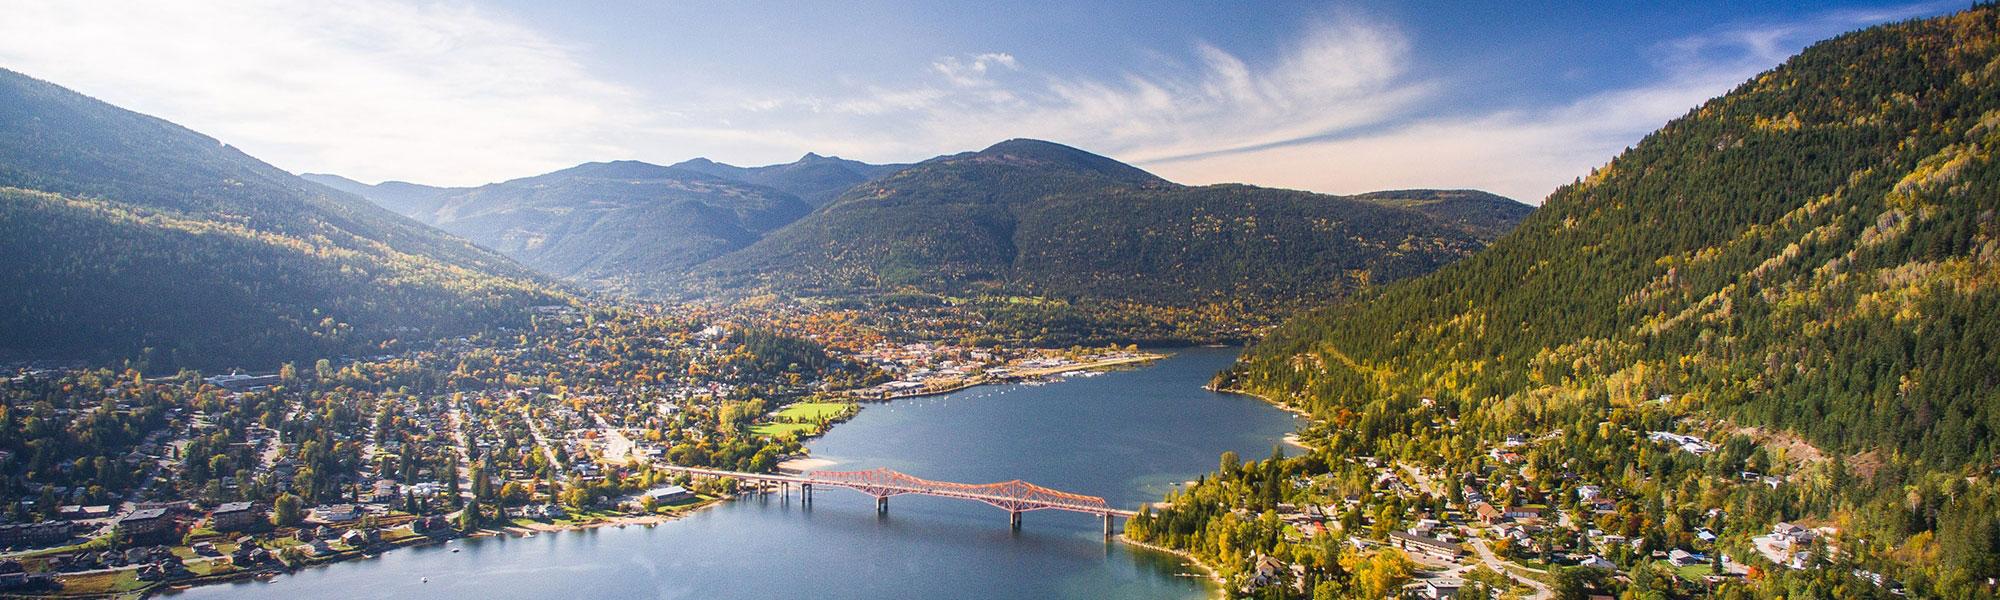 Bridge over Nelson BC